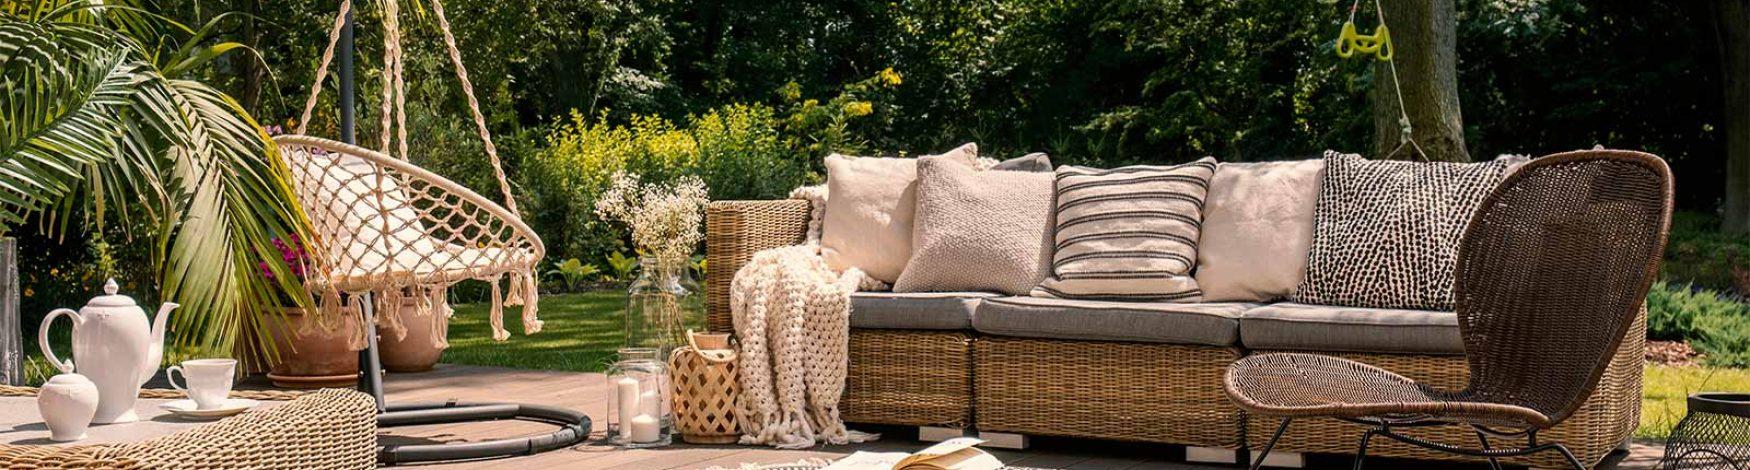 Terrasse aménagée pour l'été